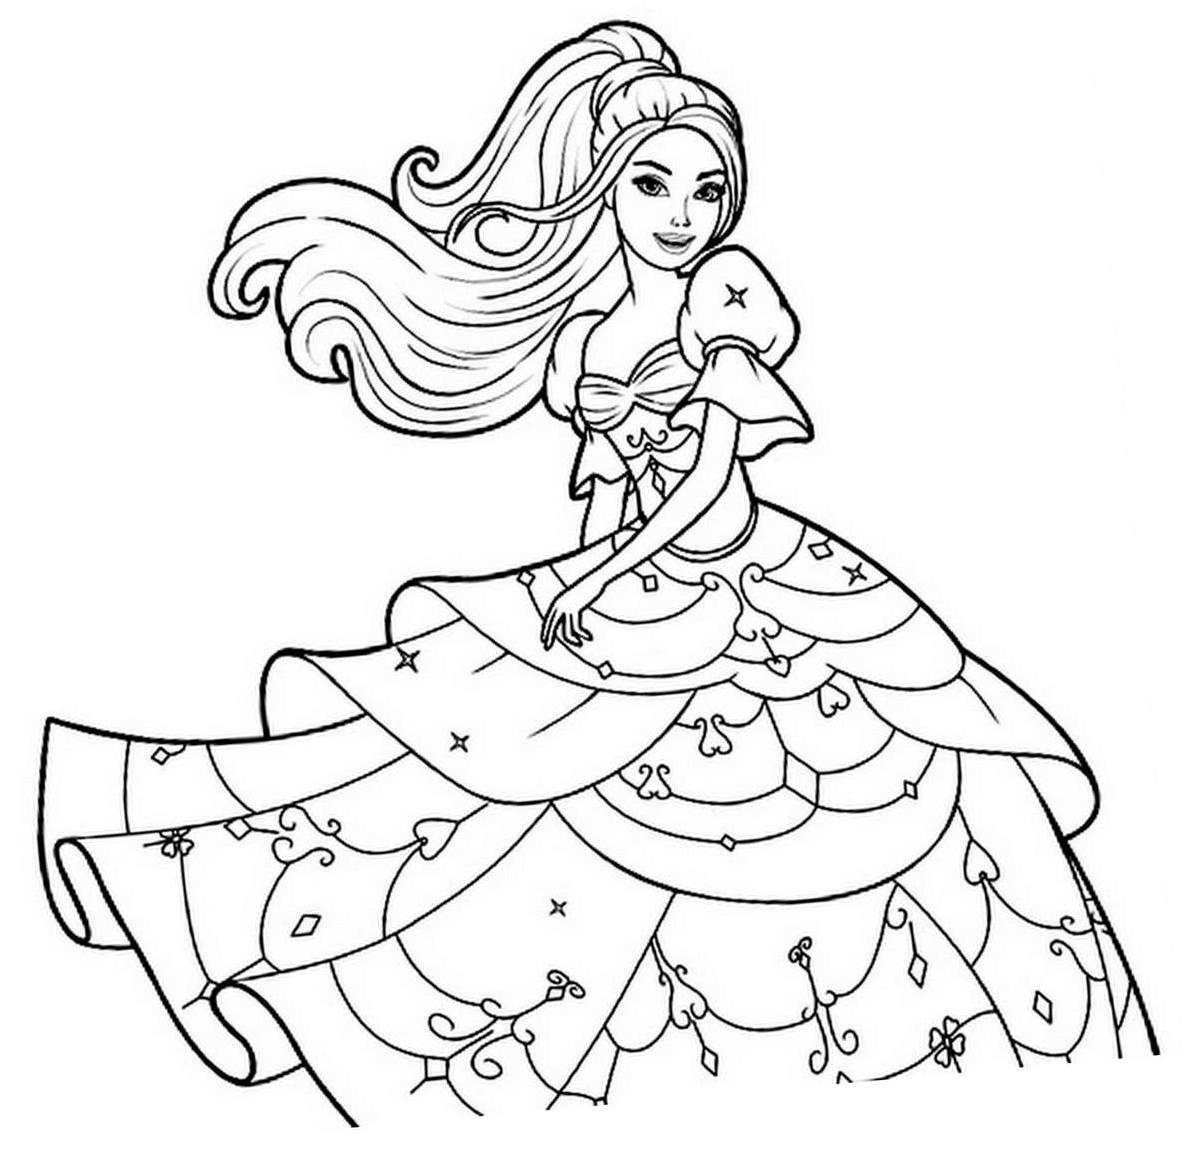 Dessin De Coloriage Barbie À Imprimer - Cp03061 avec Coloriage Barbie A Imprimer